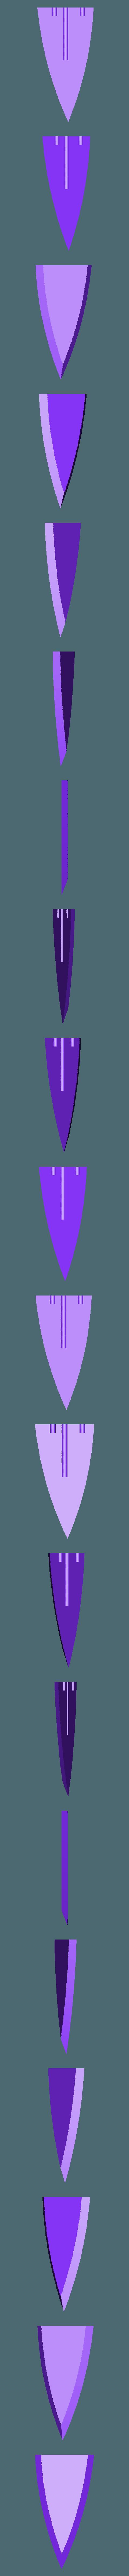 GABB9.stl Télécharger fichier STL gratuit Epée de verre (Skyrim) • Modèle à imprimer en 3D, LarryBerstilta